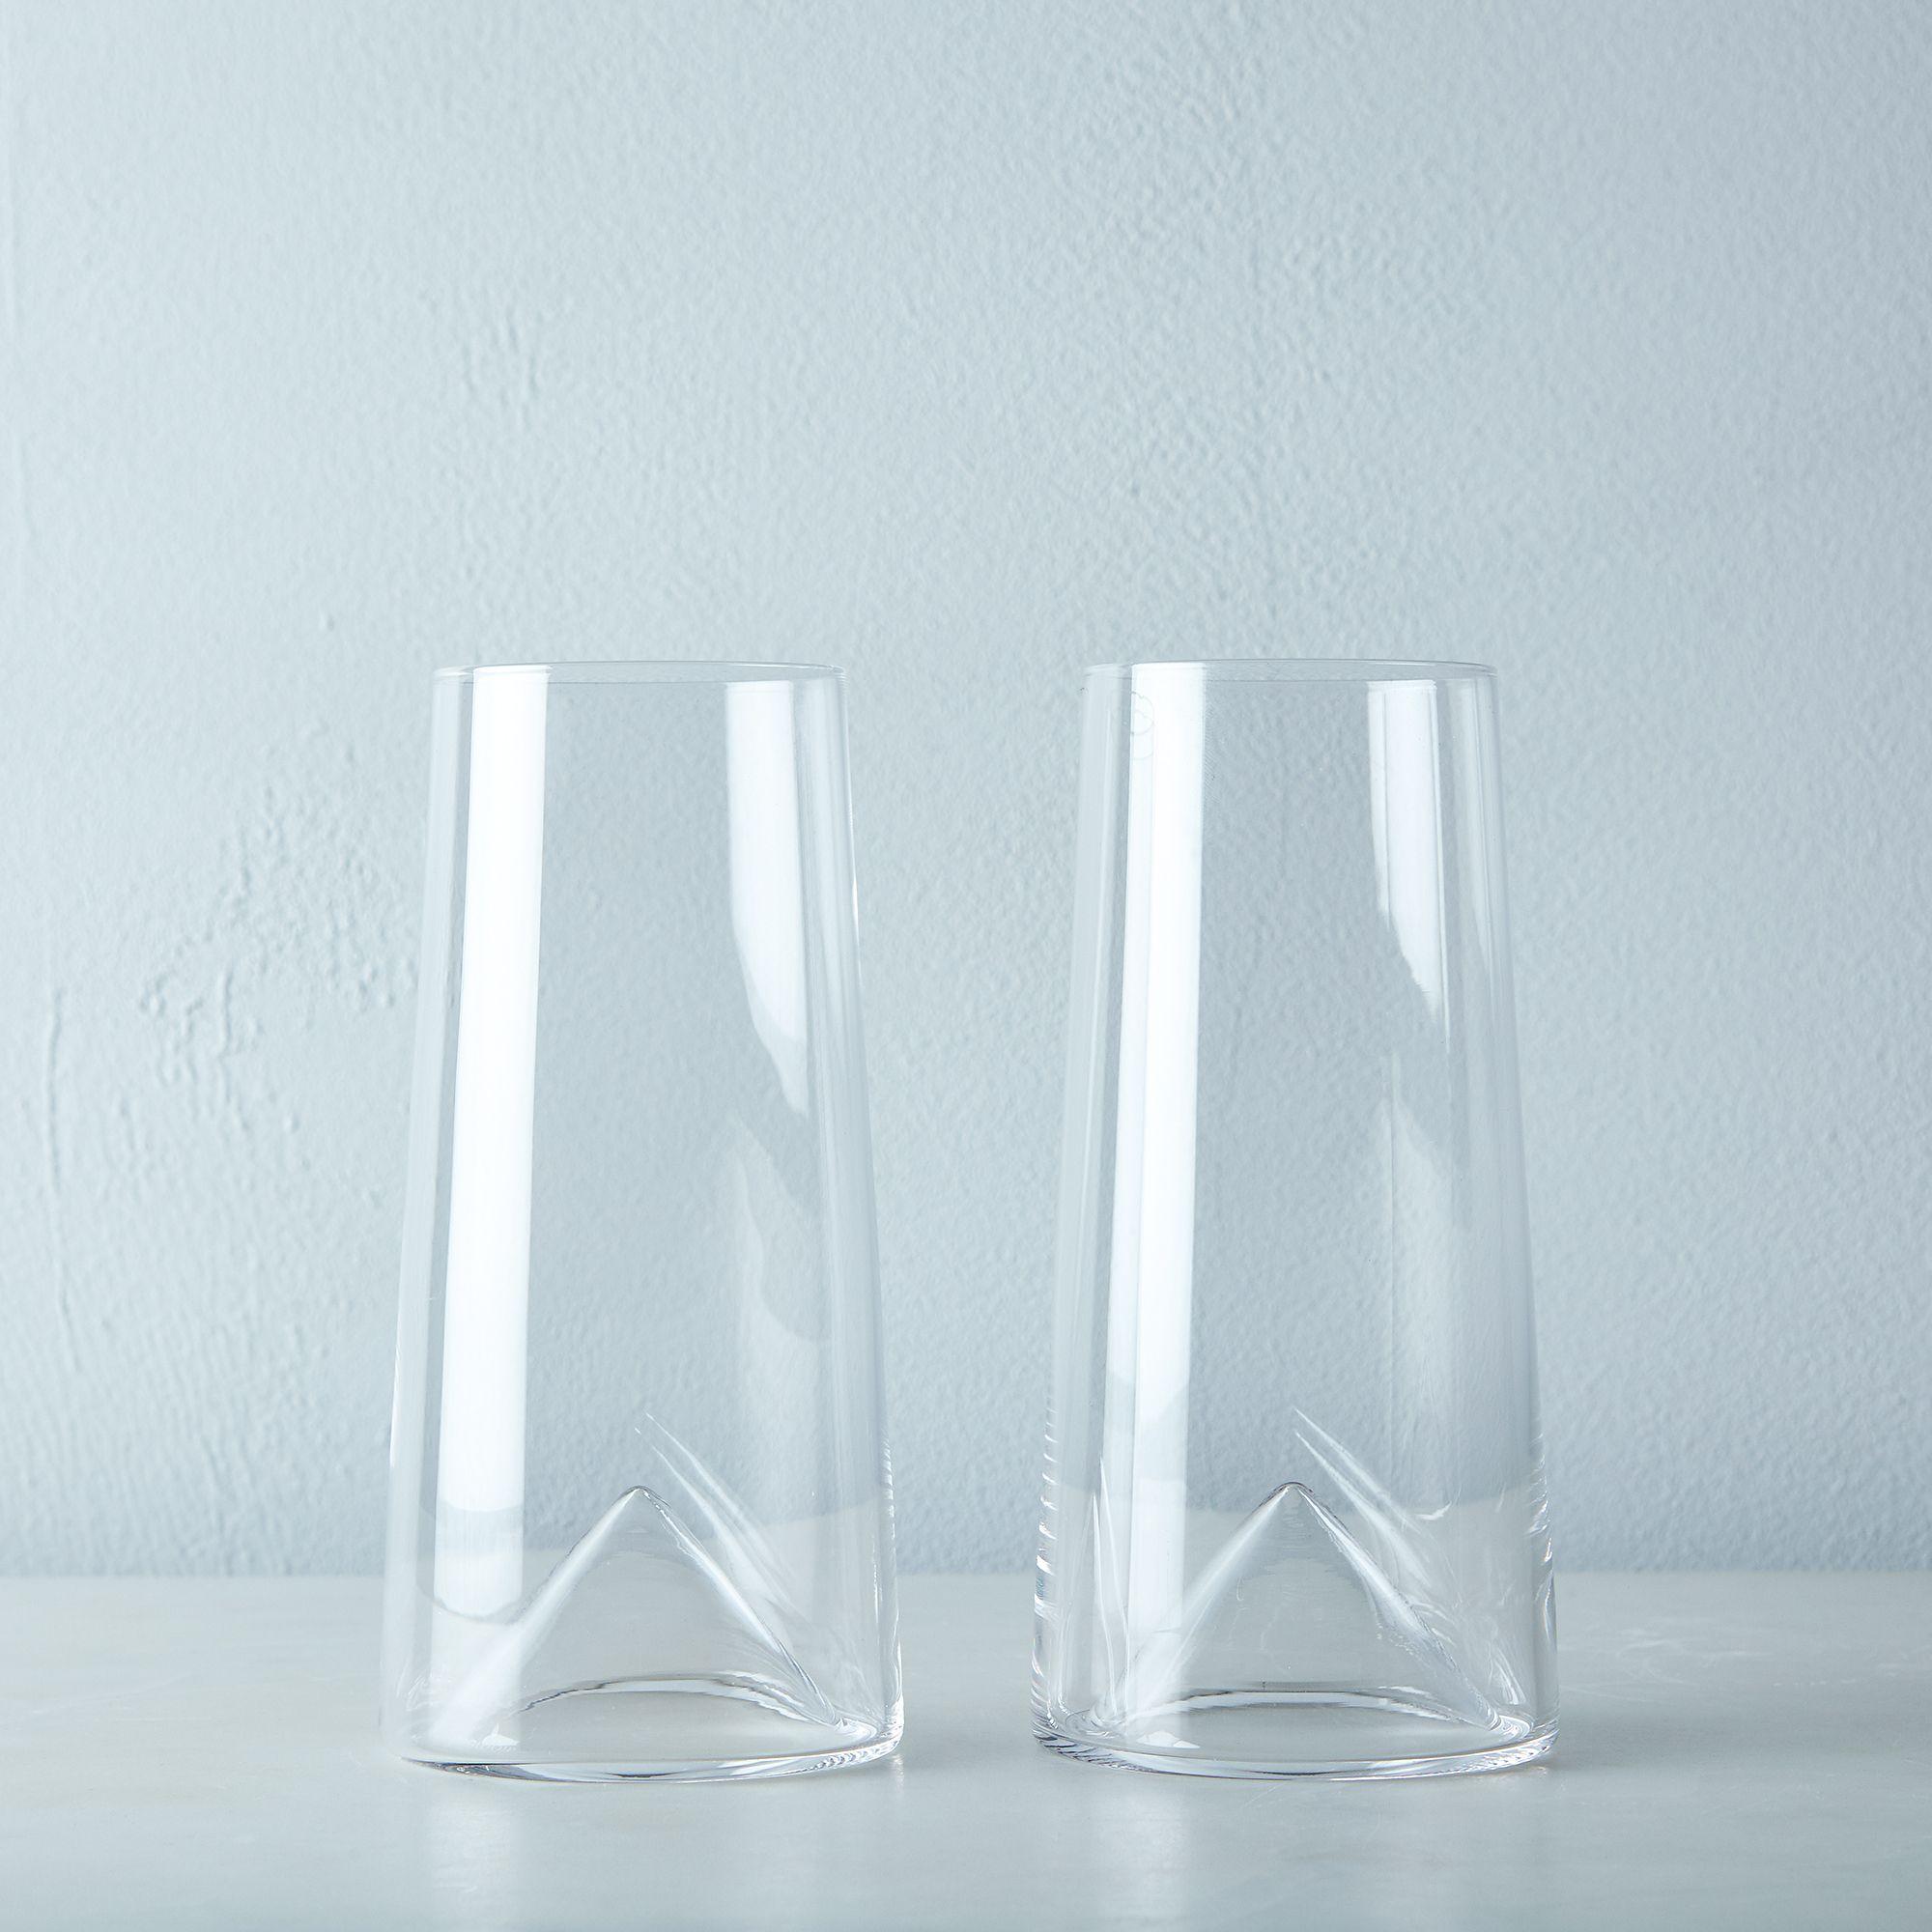 8a71165c 5936 430e 9702 24ebb4f9dec9  2016 0223 sempli pint monti glasses silo rocky luten 001